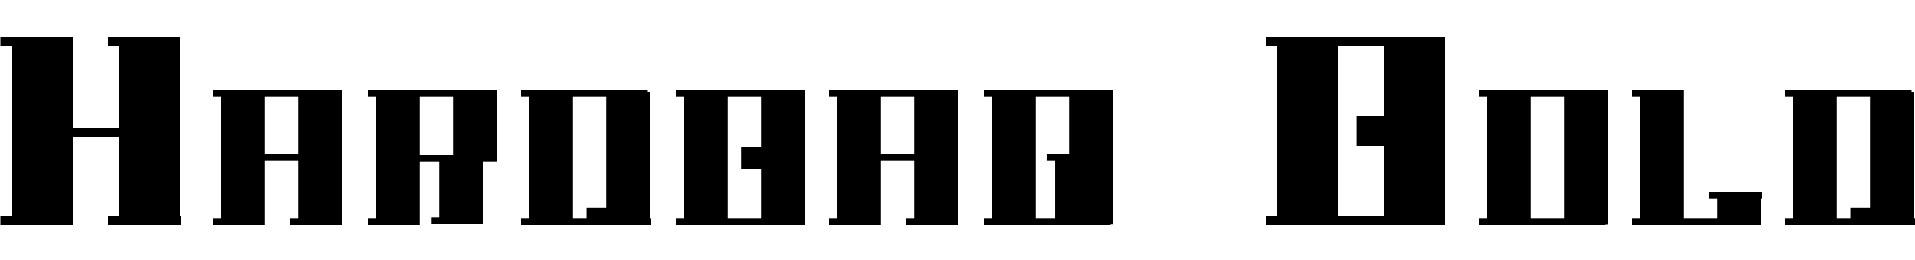 Hardbaq Bold